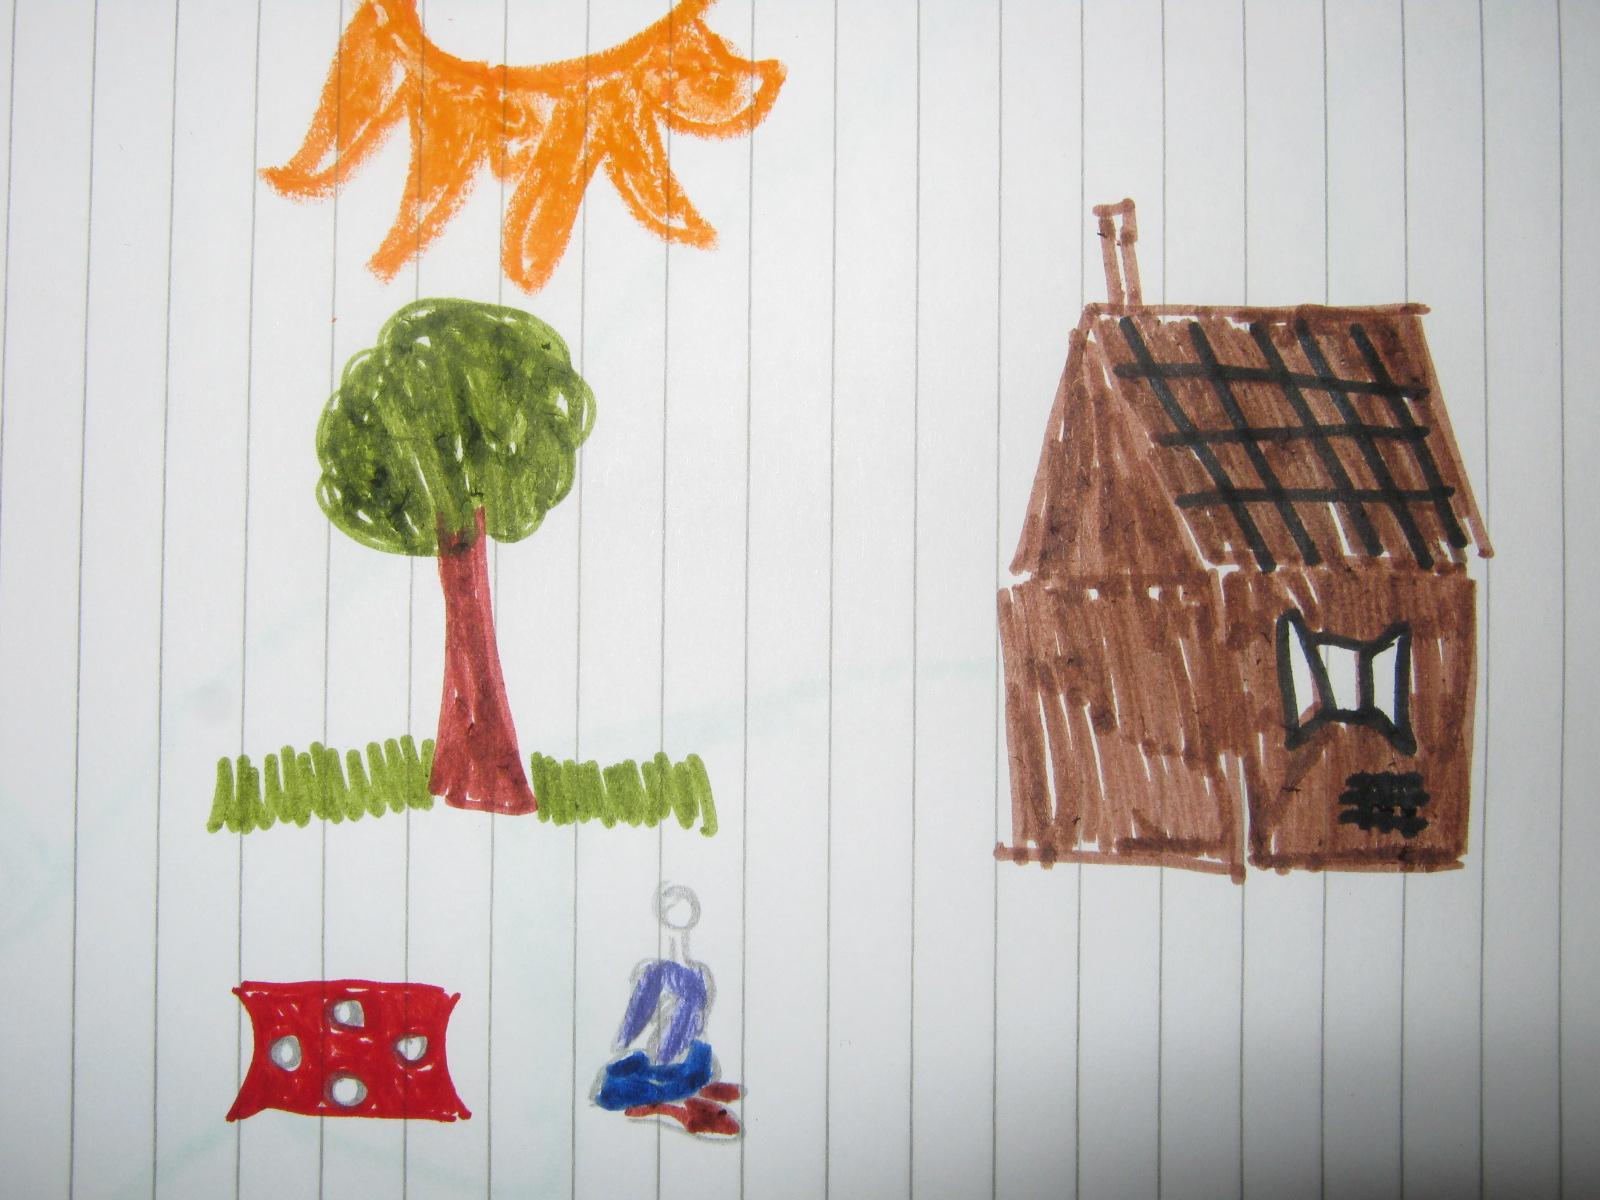 Disegno Di Un Bambino : Il disegno come terapia nei bambini: disegno di un bambino solo